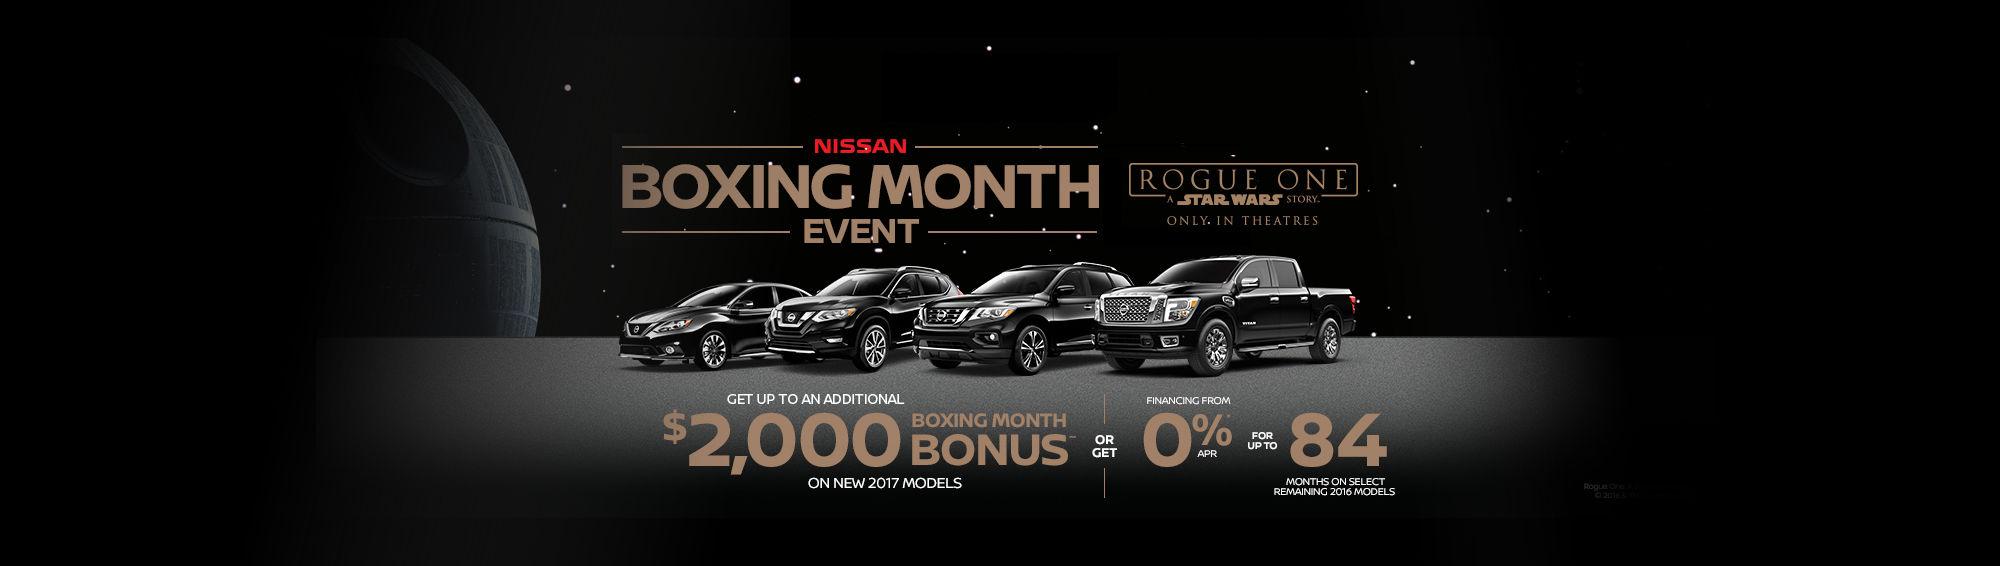 Nissan's Boxing Month Sales Event! (Desktop)